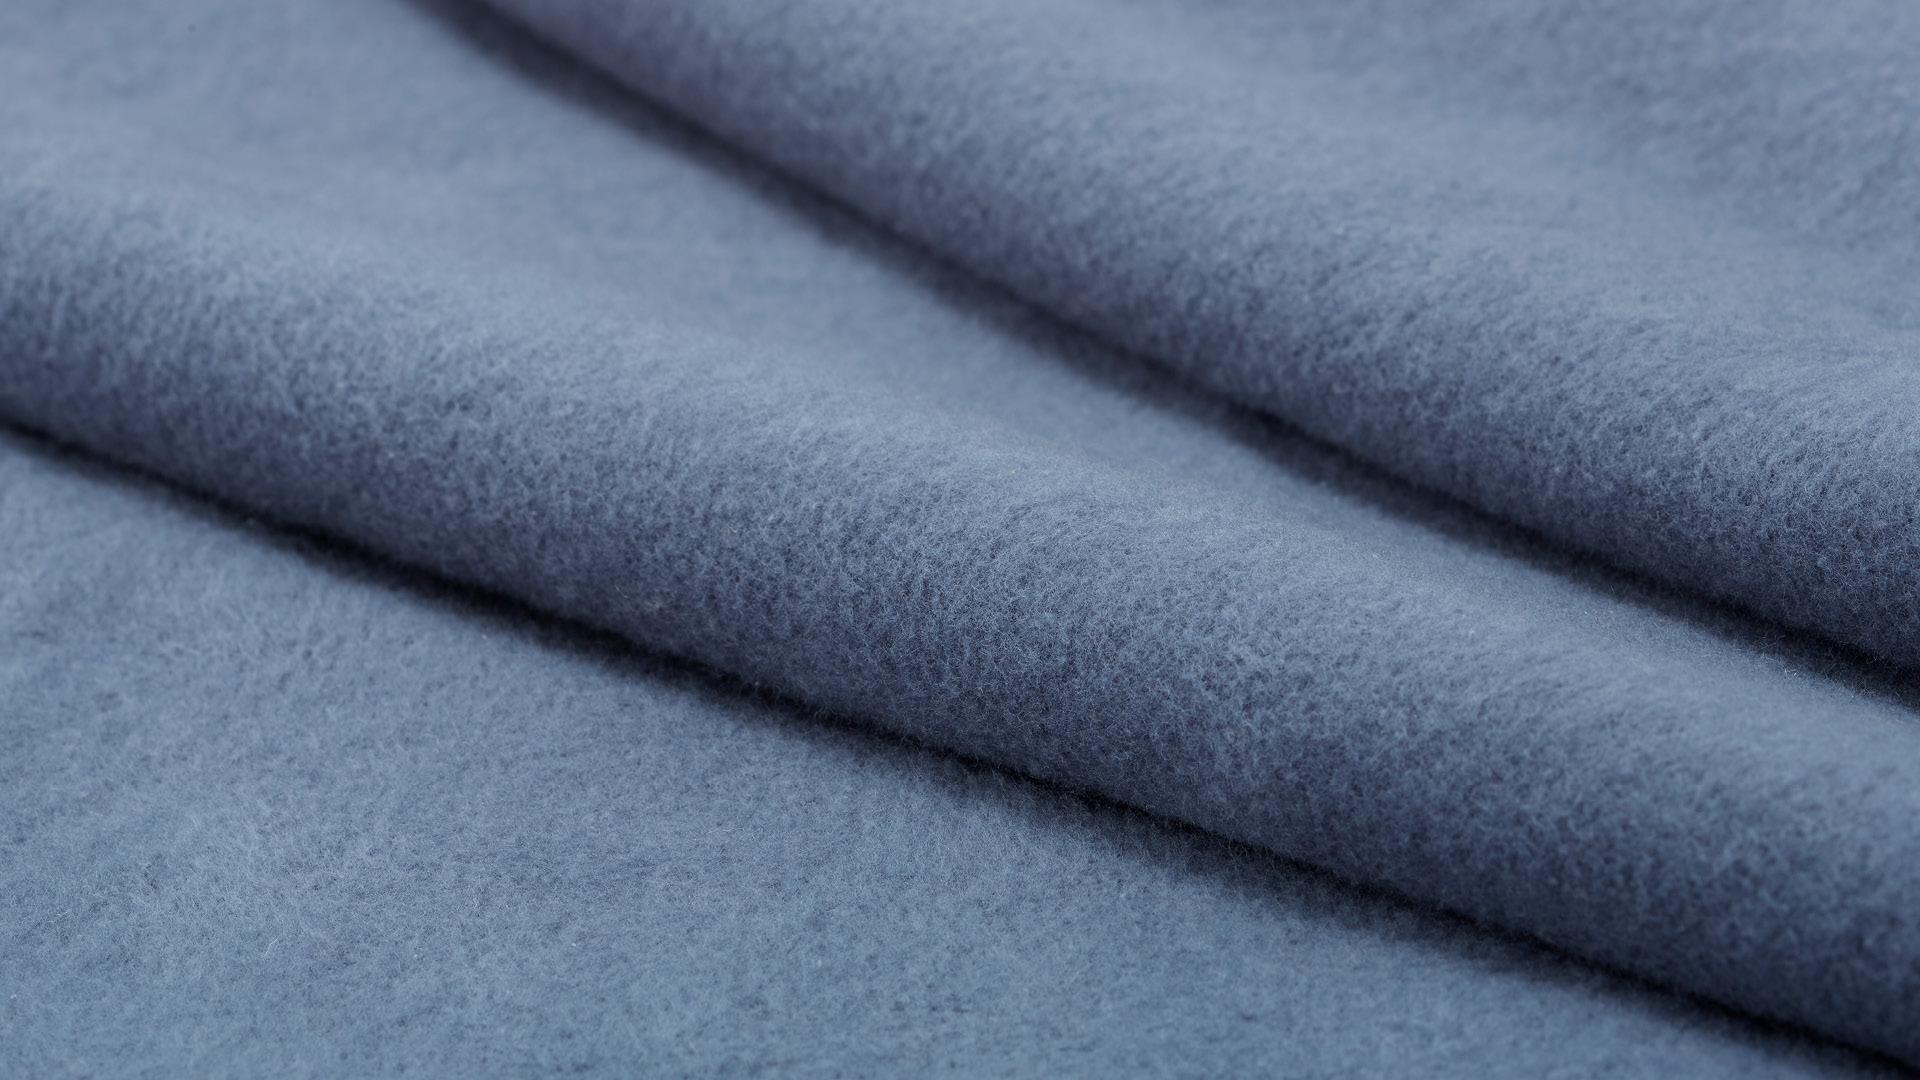 双面排纱附和梭织,更加温厚保暖